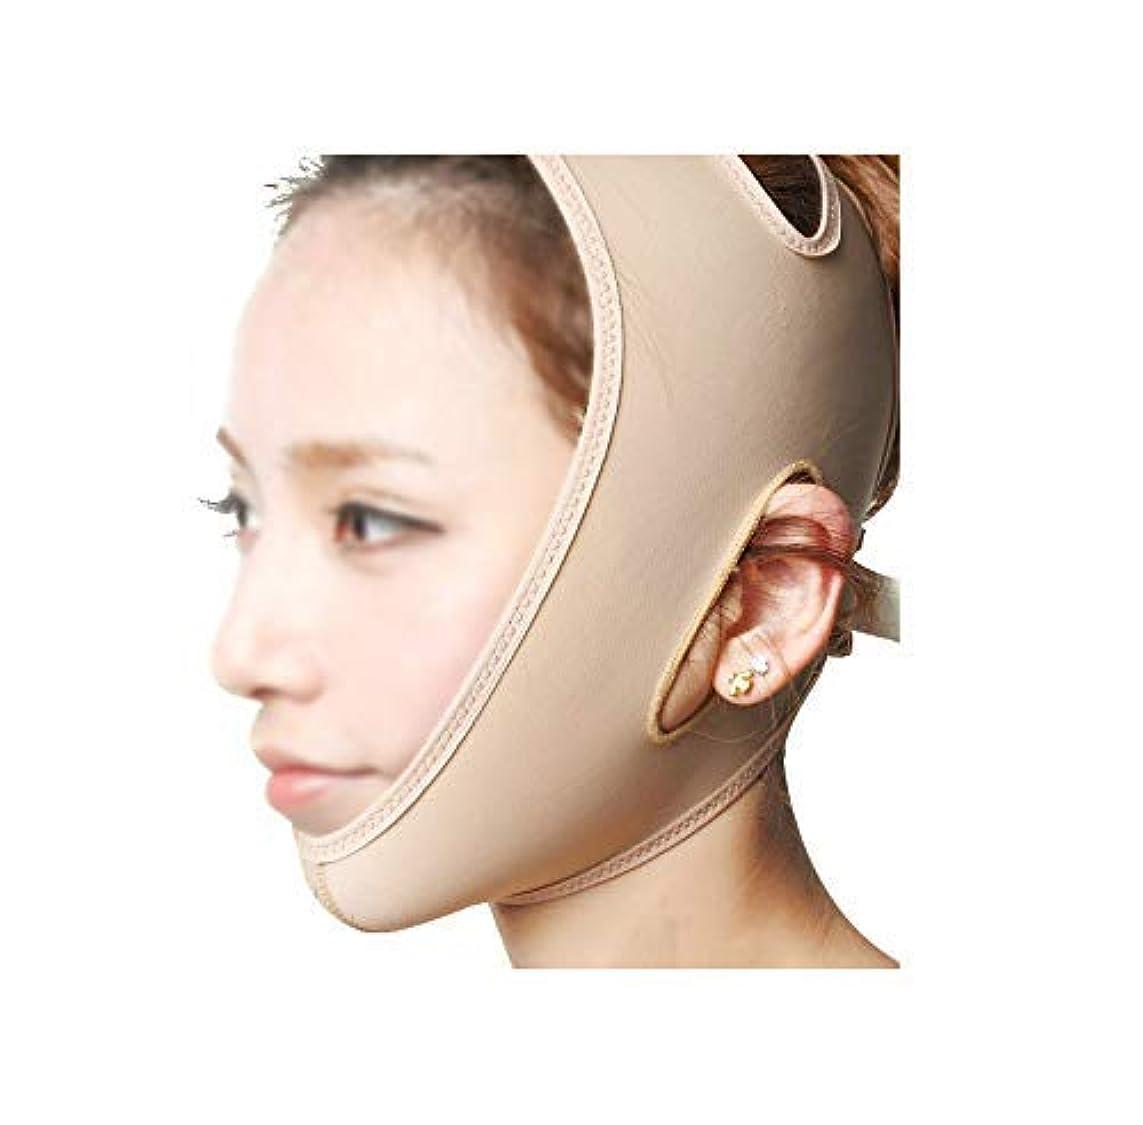 例偽善者貢献フェイスリフティングバンデージ、フェイスマスク3Dパネルデザイン、通気性に優れたライクラ素材の物理的なVフェイス、美しい顔の輪郭の作成(サイズ:S),ザ?